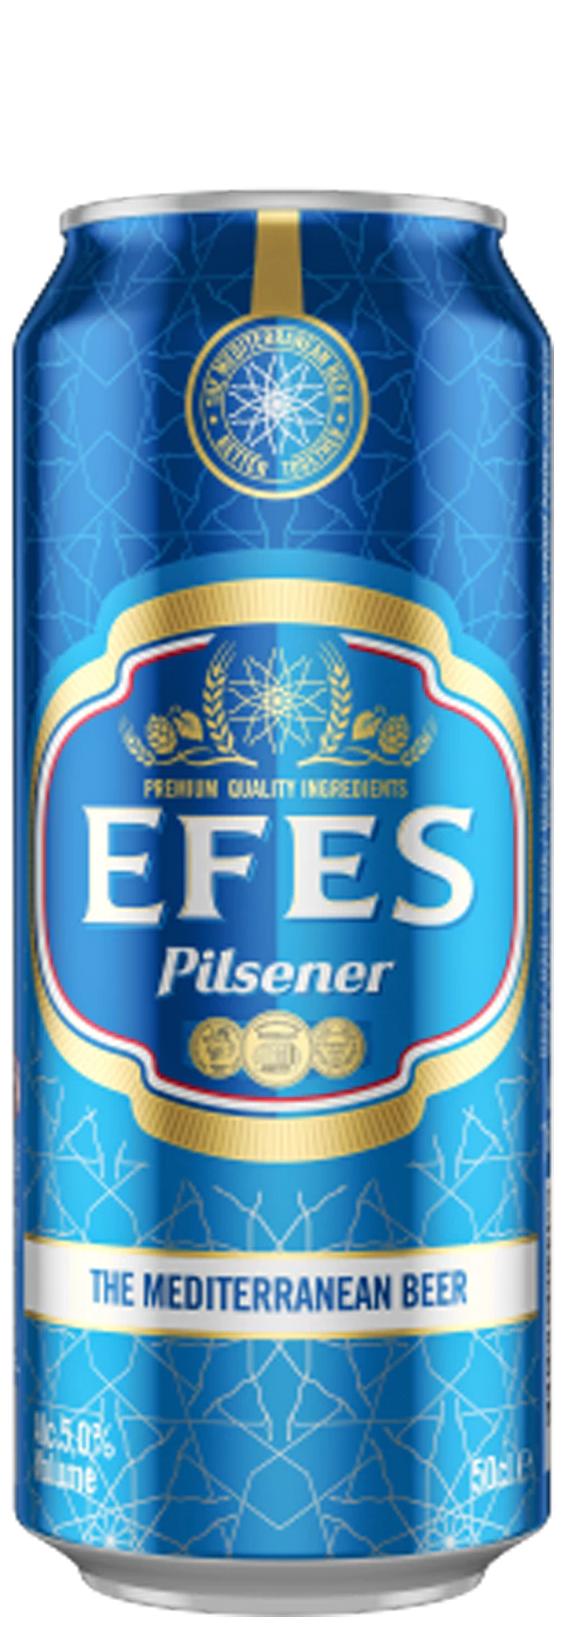 Бира Ефес 0.5 л Кен /5 + 1, Плащаш 5, Получаваш 6 кена/ на цена 1,13 лв за бр